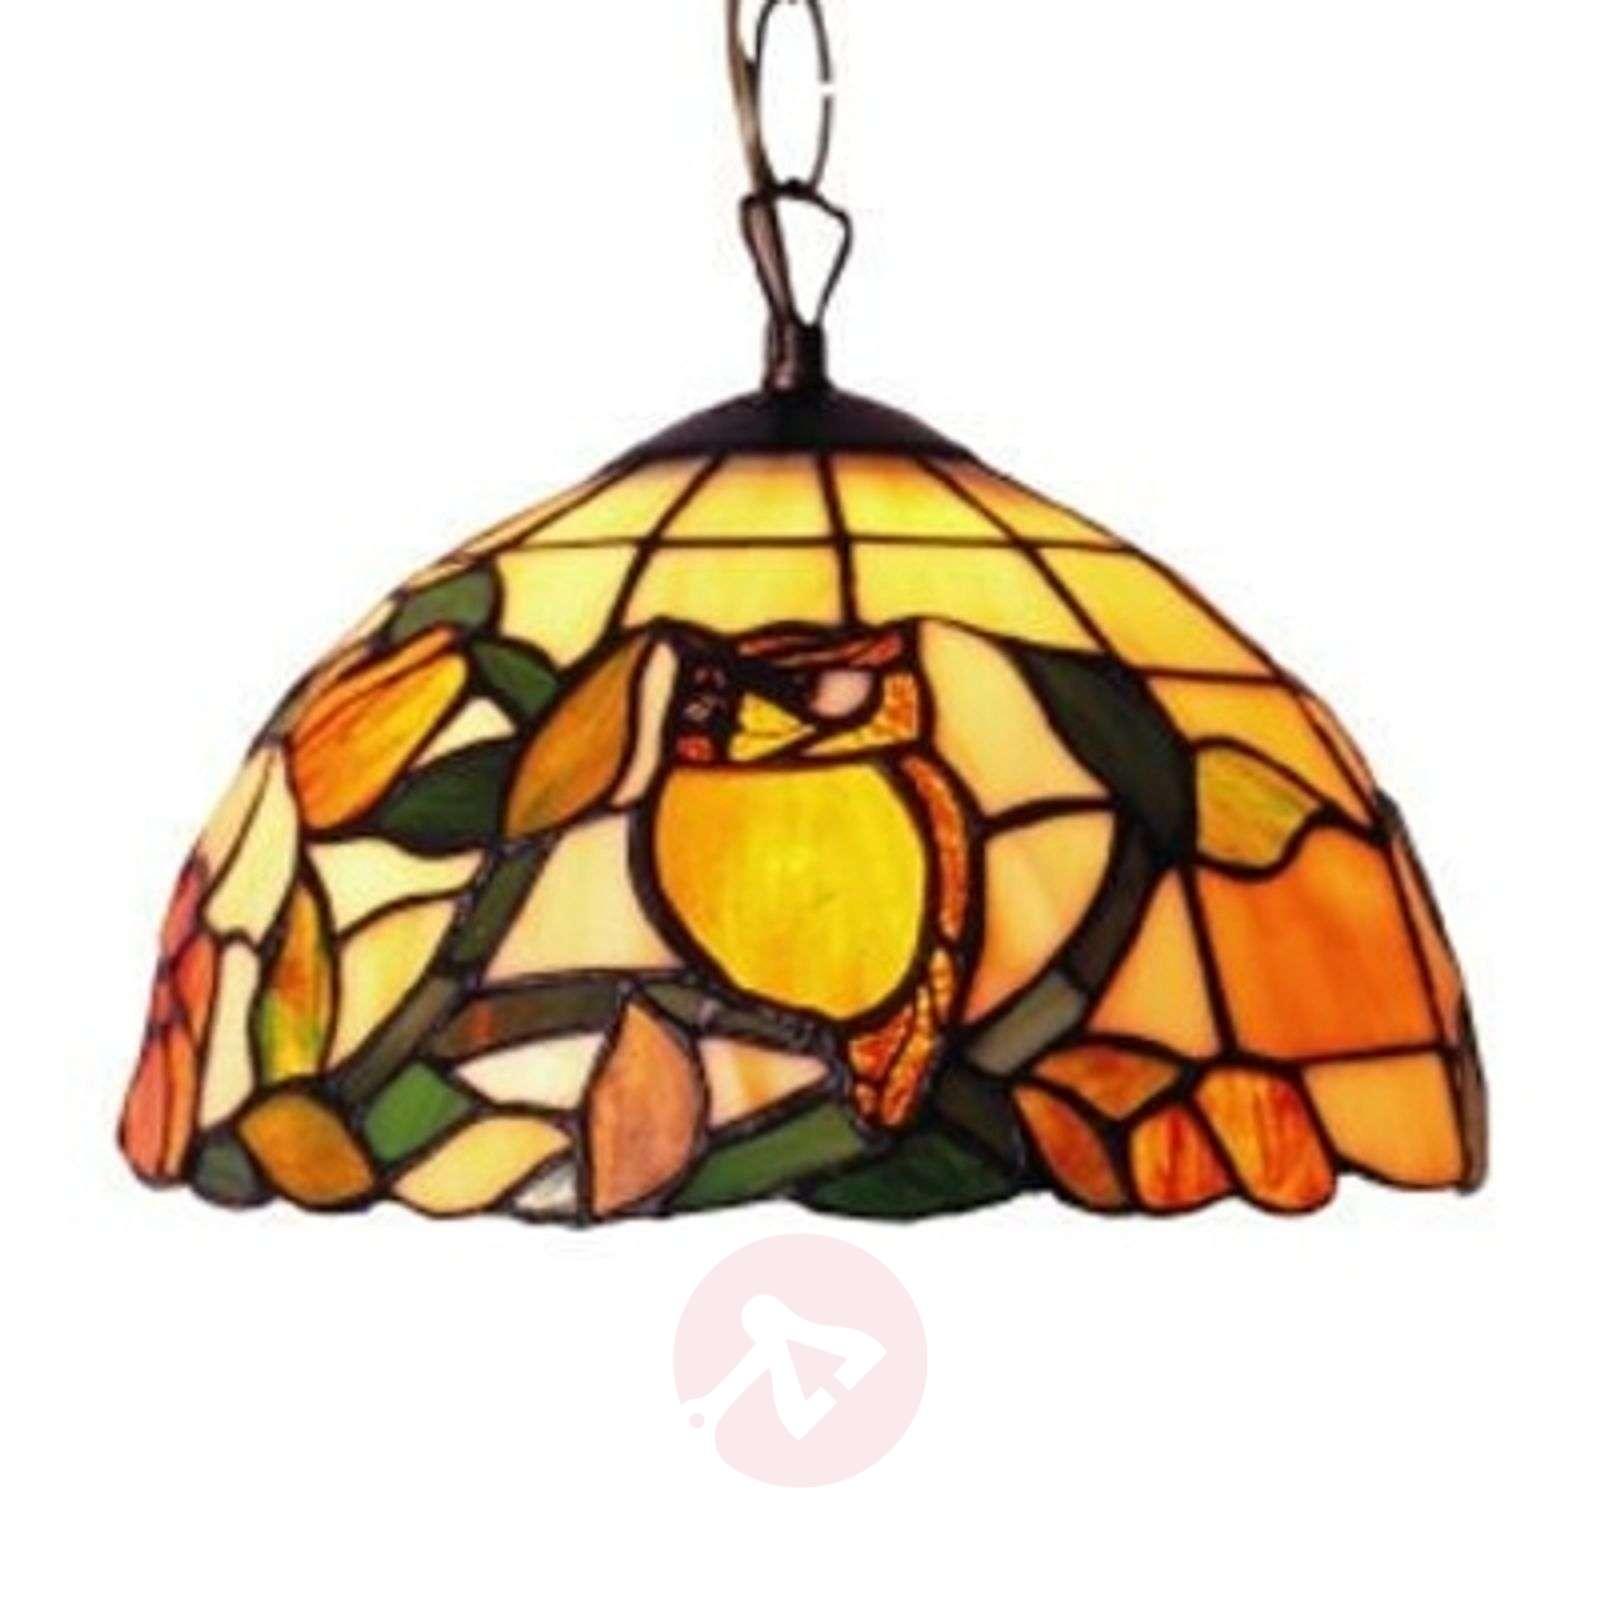 Rustic hanging light JOLIEN-1032073-01